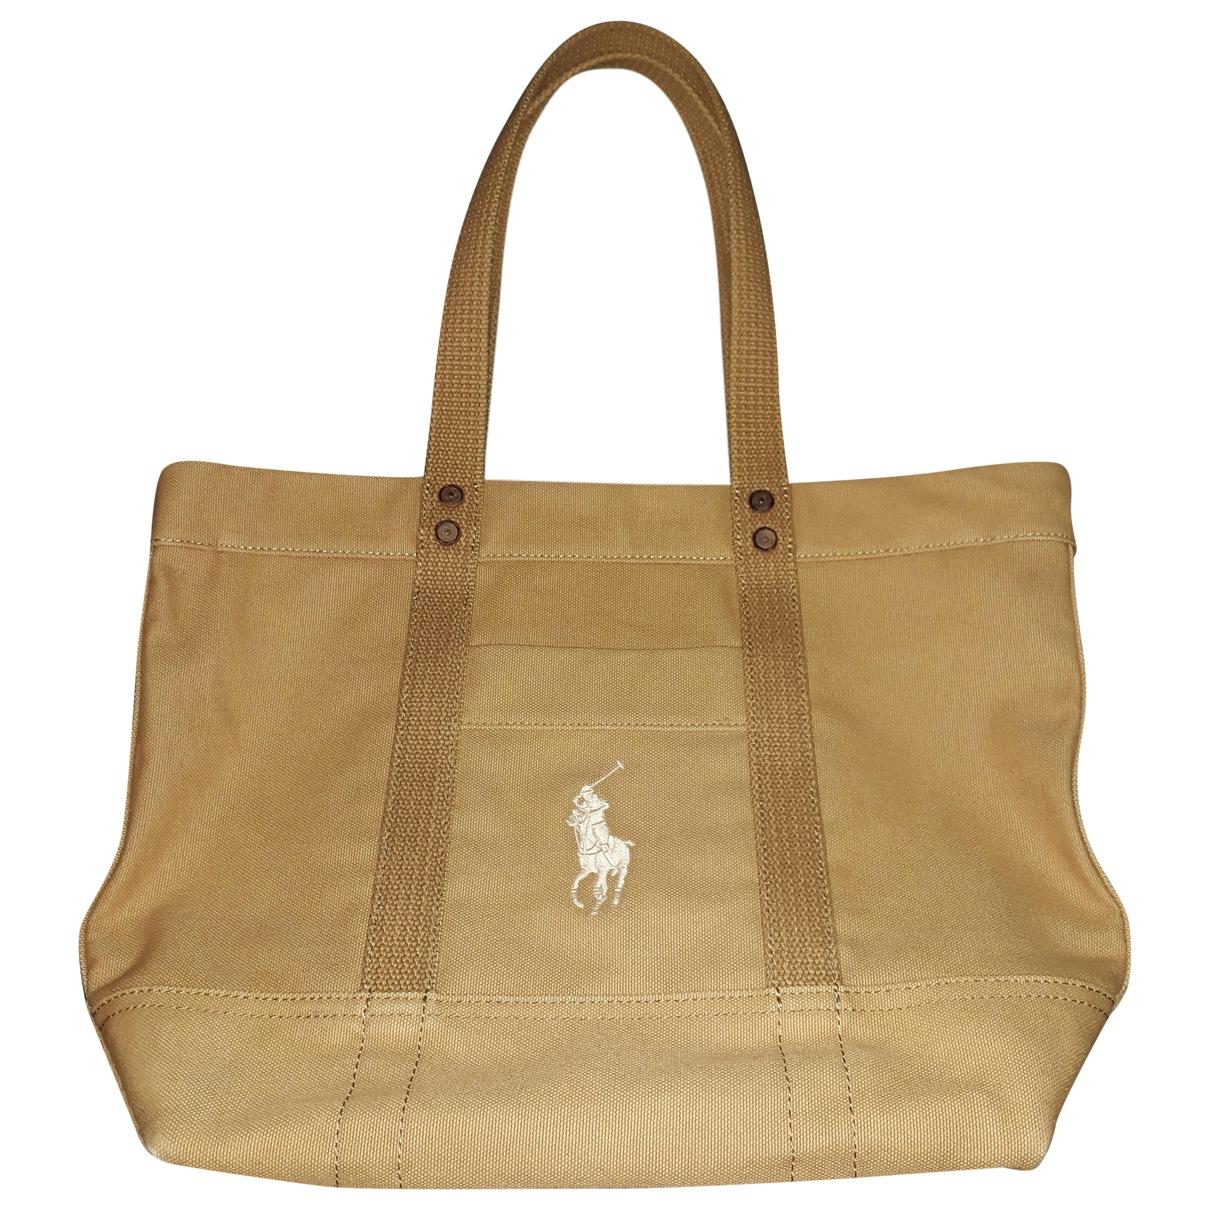 Polo Ralph Lauren \N Handtasche in  Beige Baumwolle